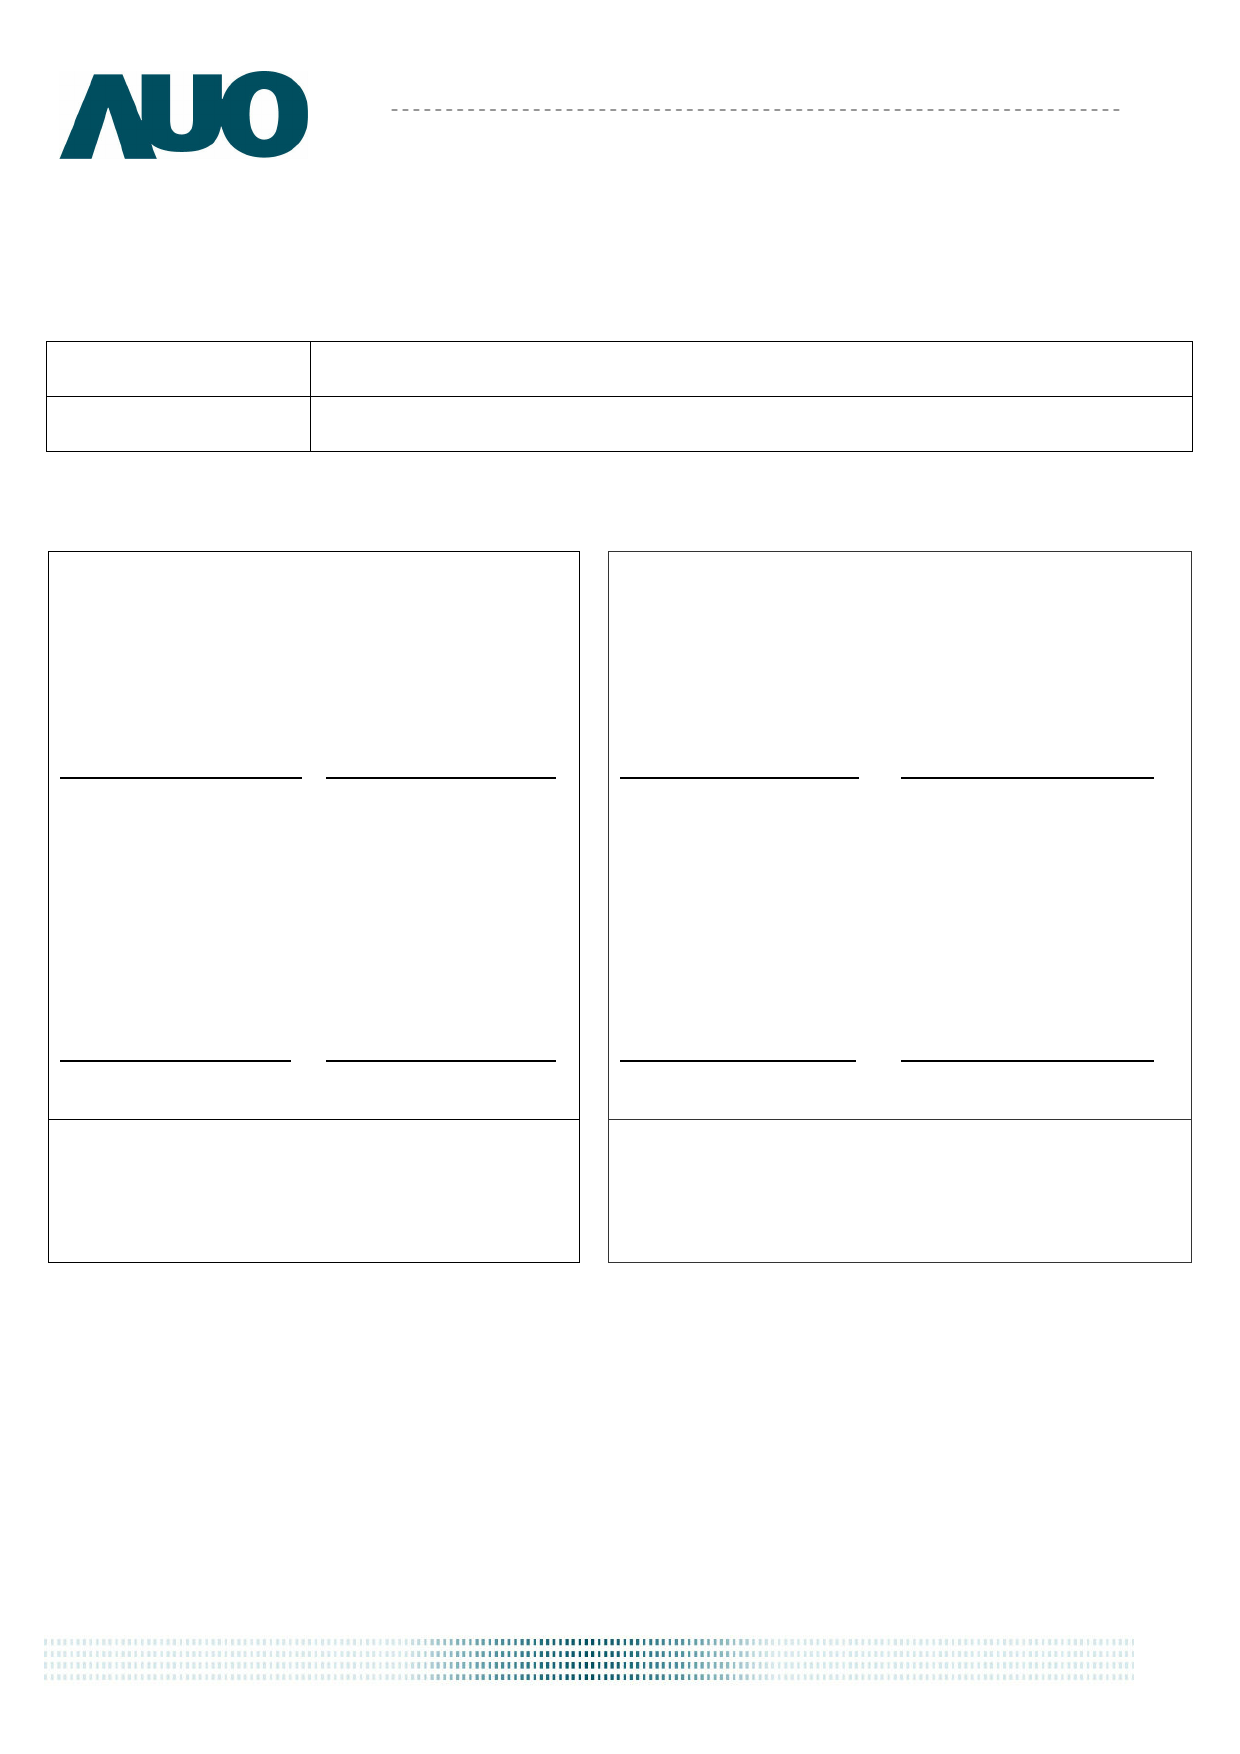 G057VN01-V1 даташит PDF